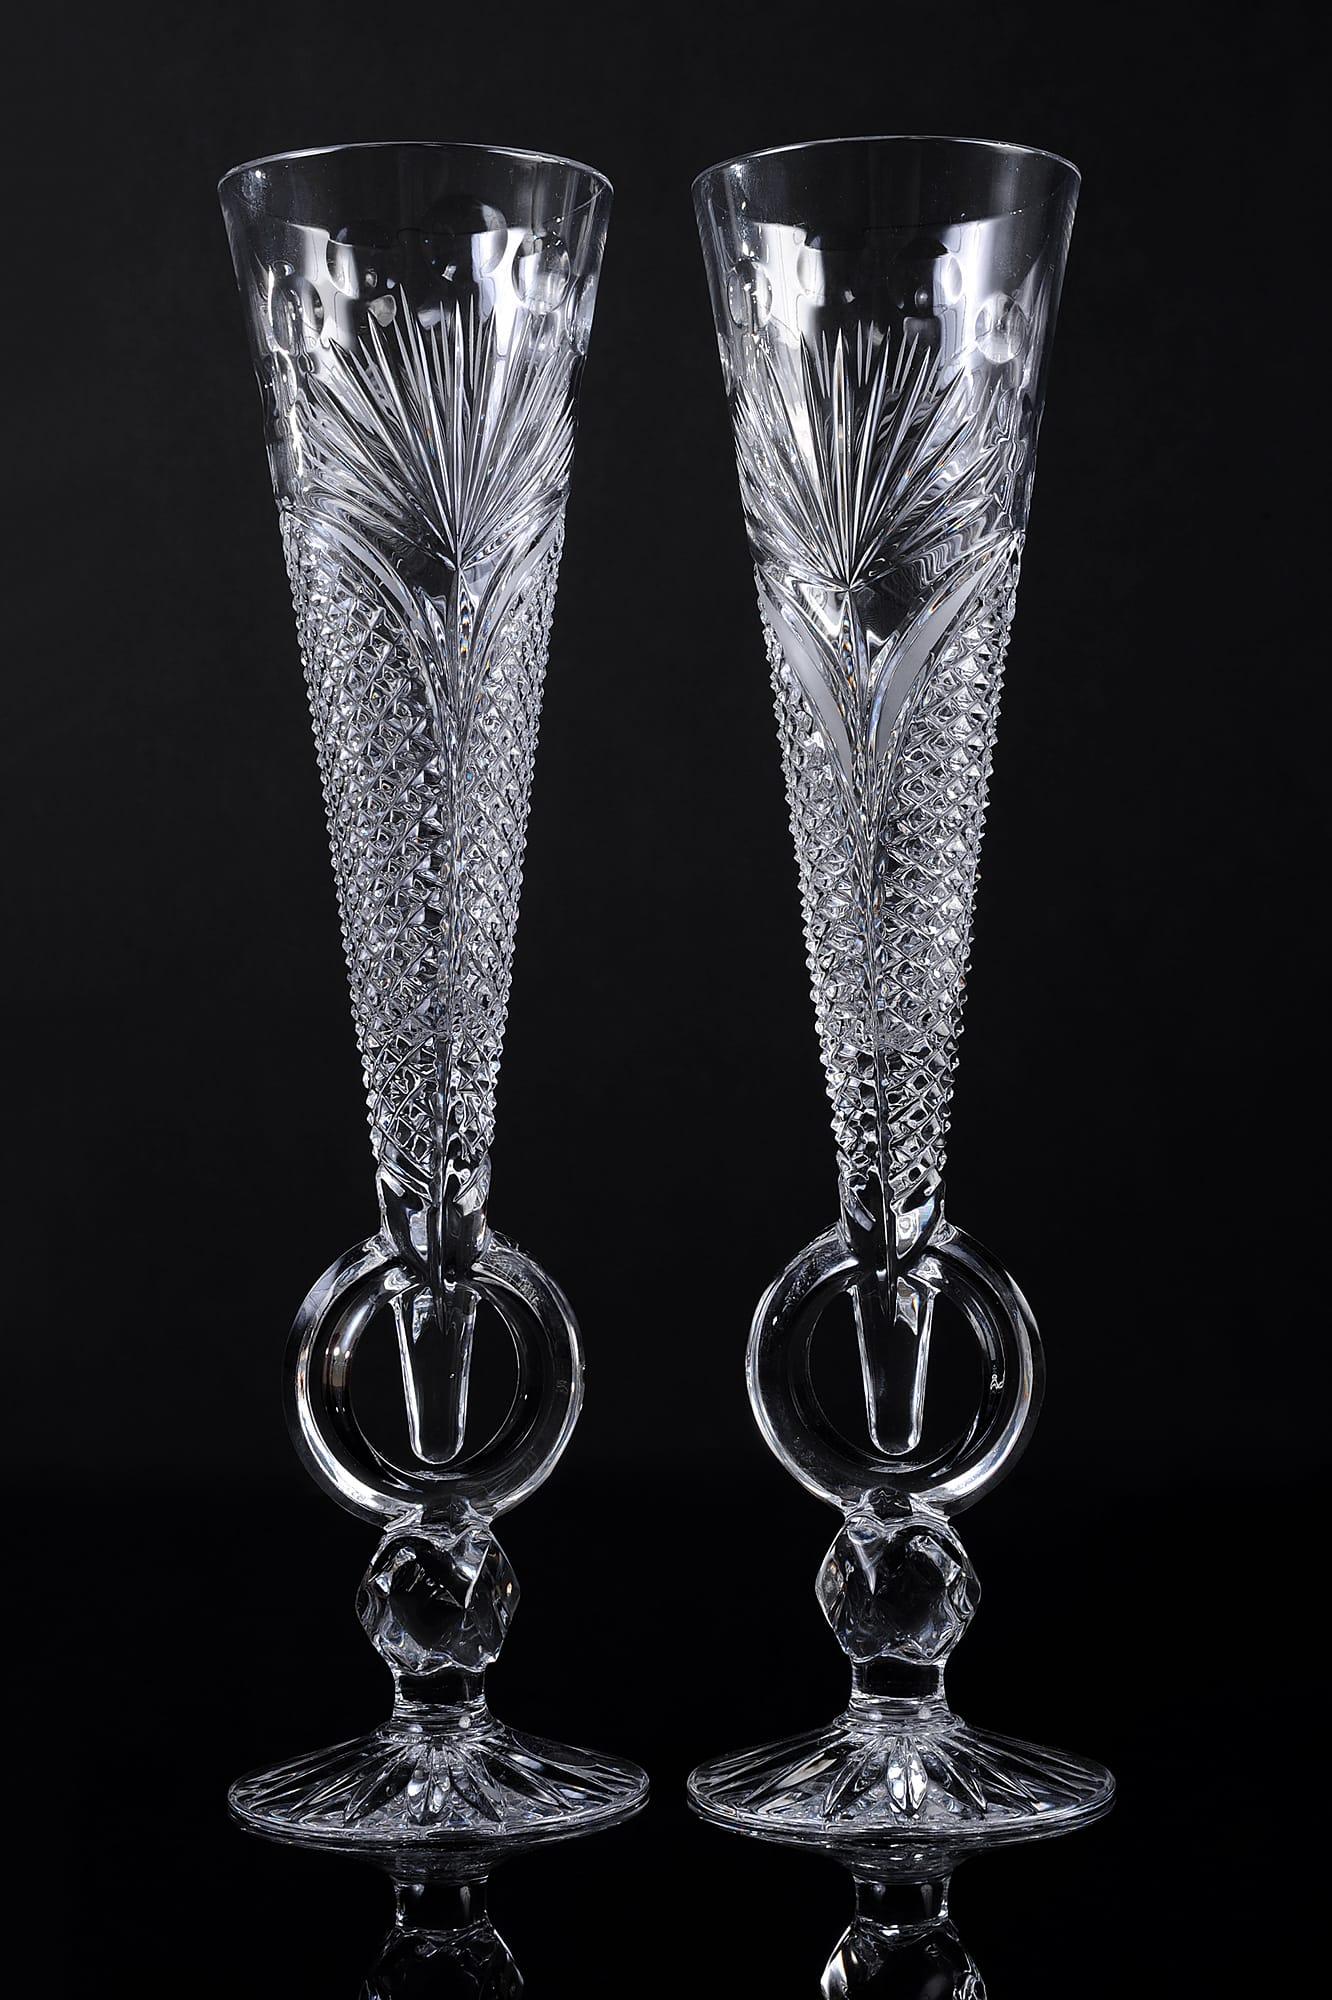 Изящные свадебные бокалы из прозрачного стекла, покрытого гравировкой.